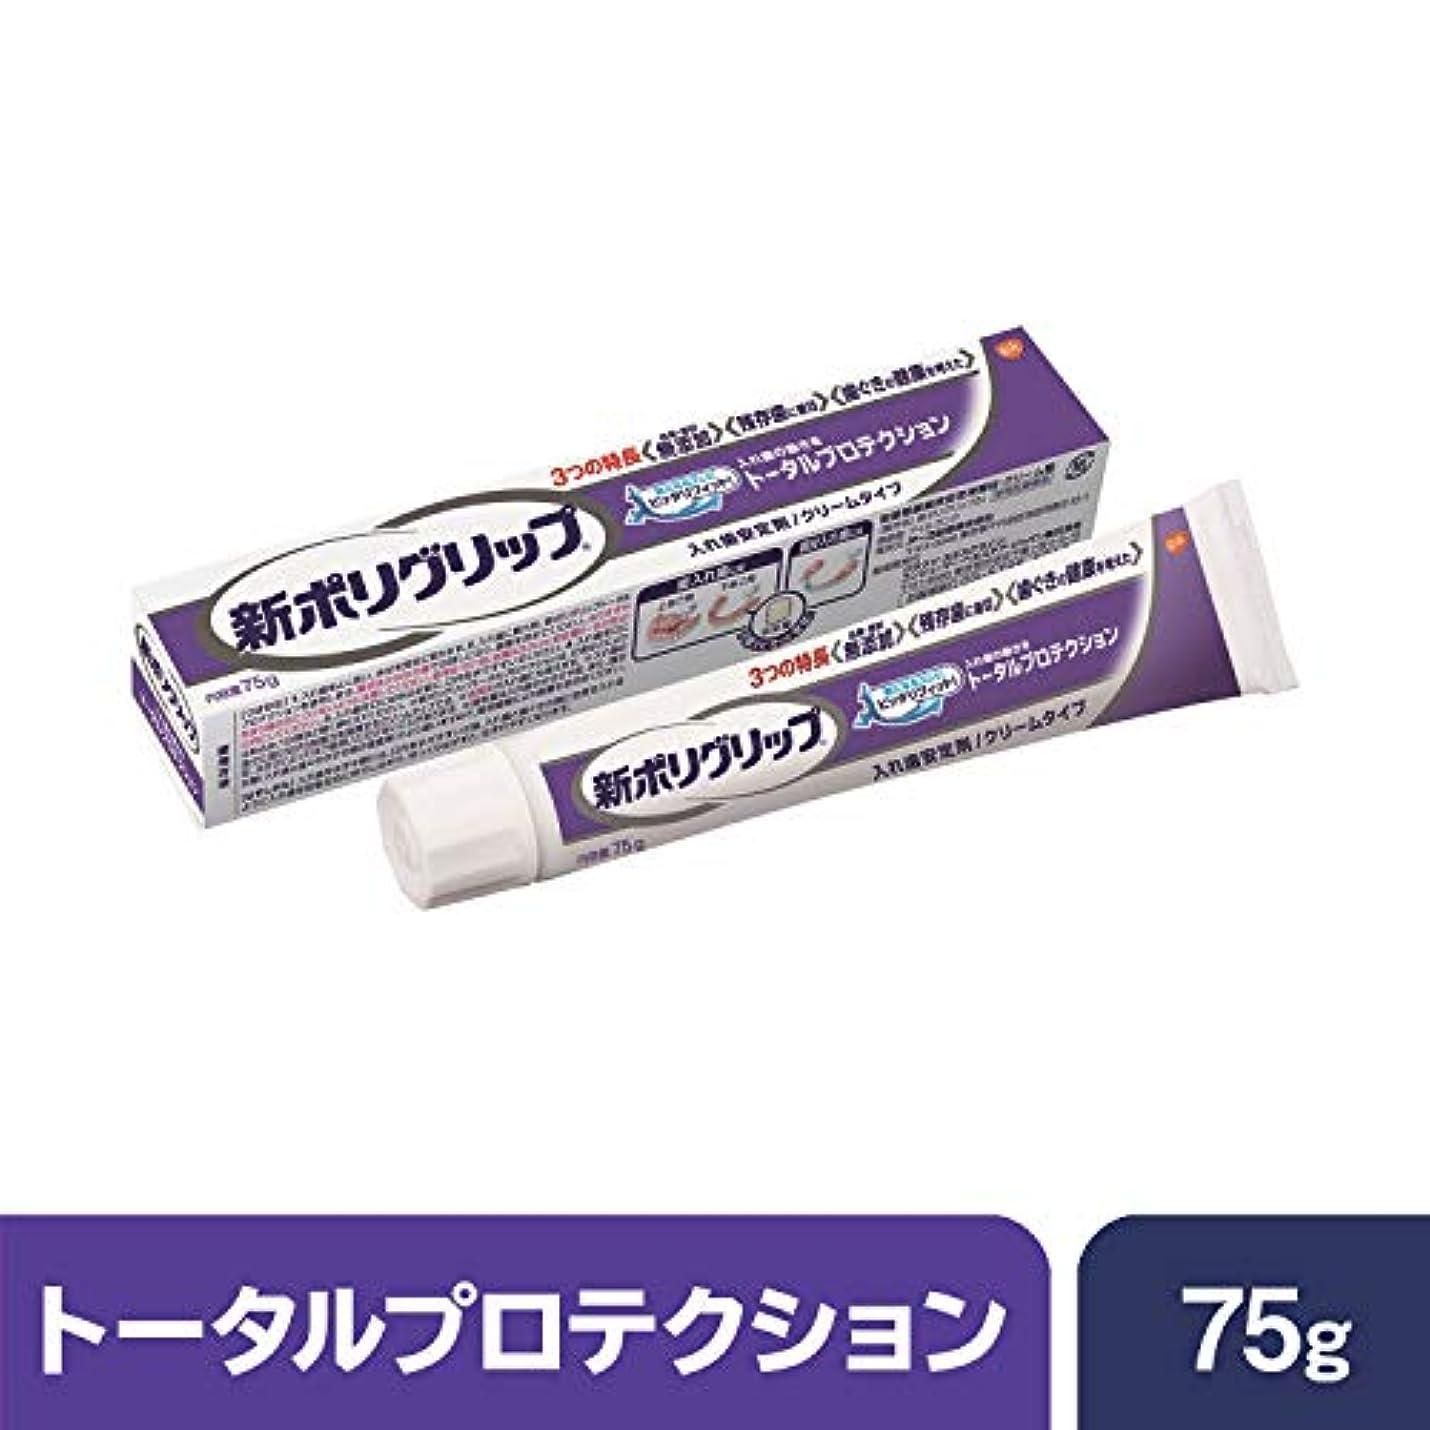 きつくバスサークル部分・総入れ歯安定剤 新ポリグリップ トータルプロテクション(残存歯に着目) 75g